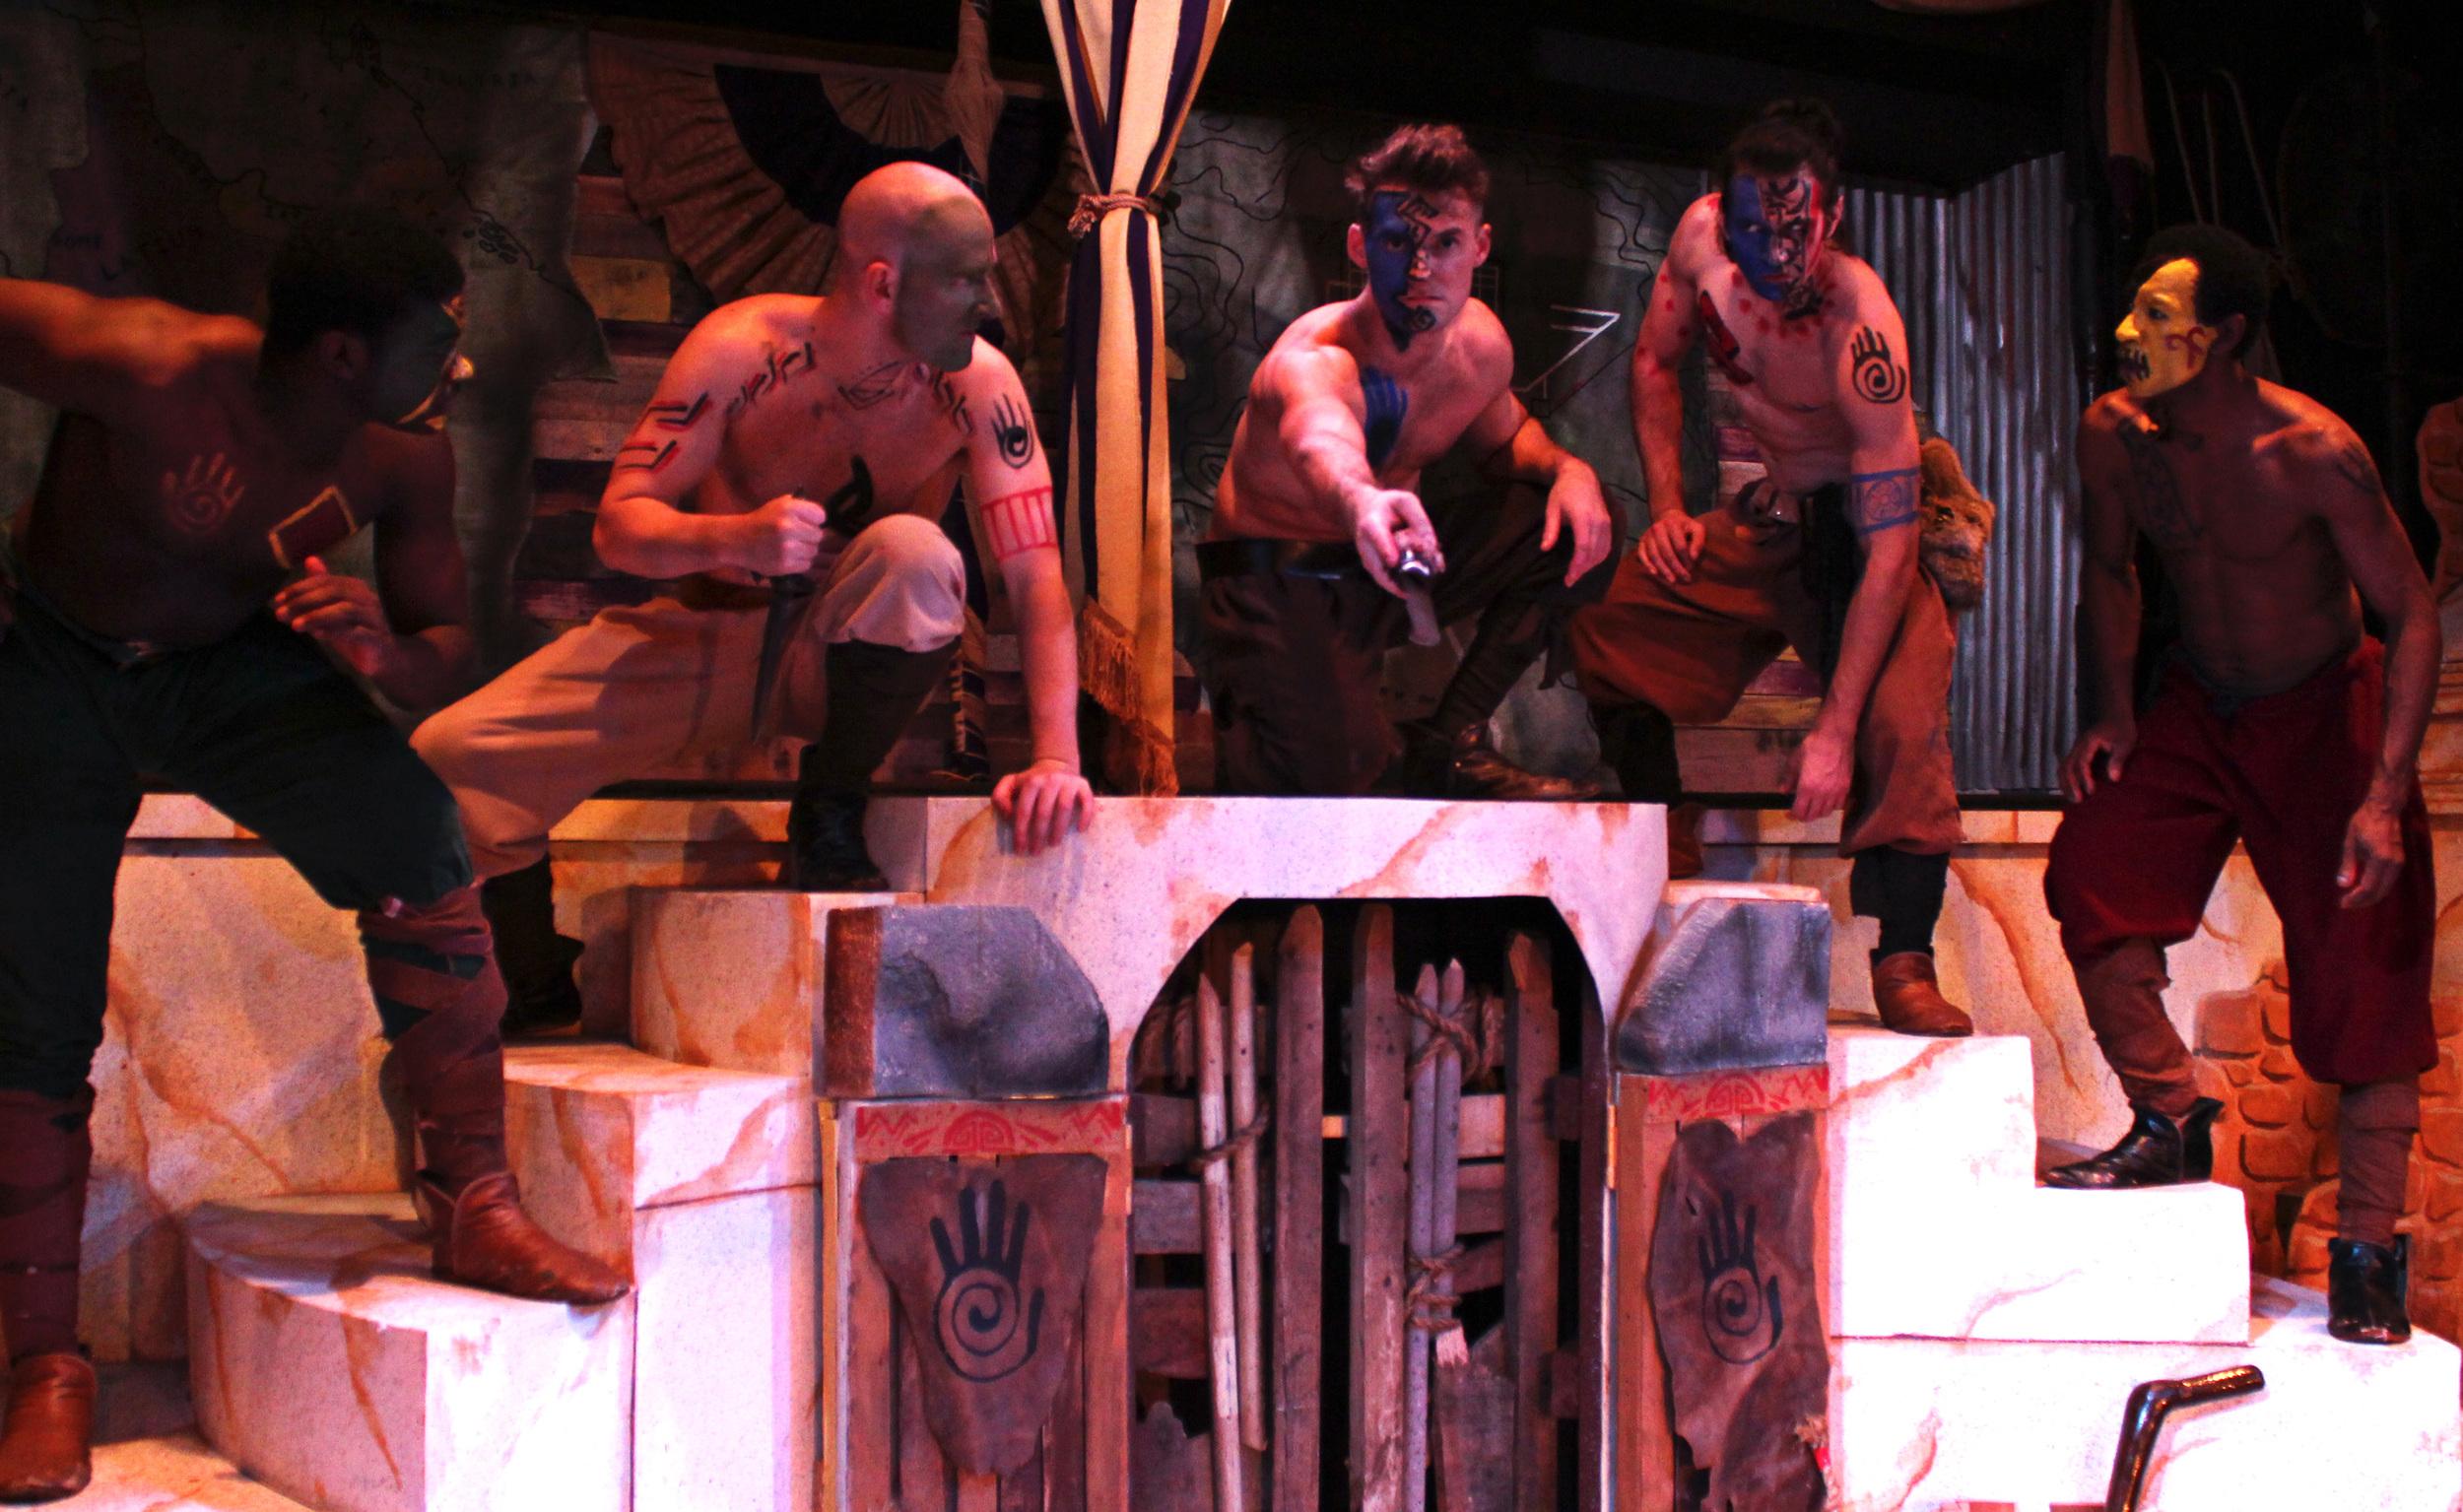 Volsce (Bernard Joseph), Volsce (Toby Bradbury),Aufidius (Ian-potter),Volsce (Ben Koontz),Volsce (Clem Onukwubiri)